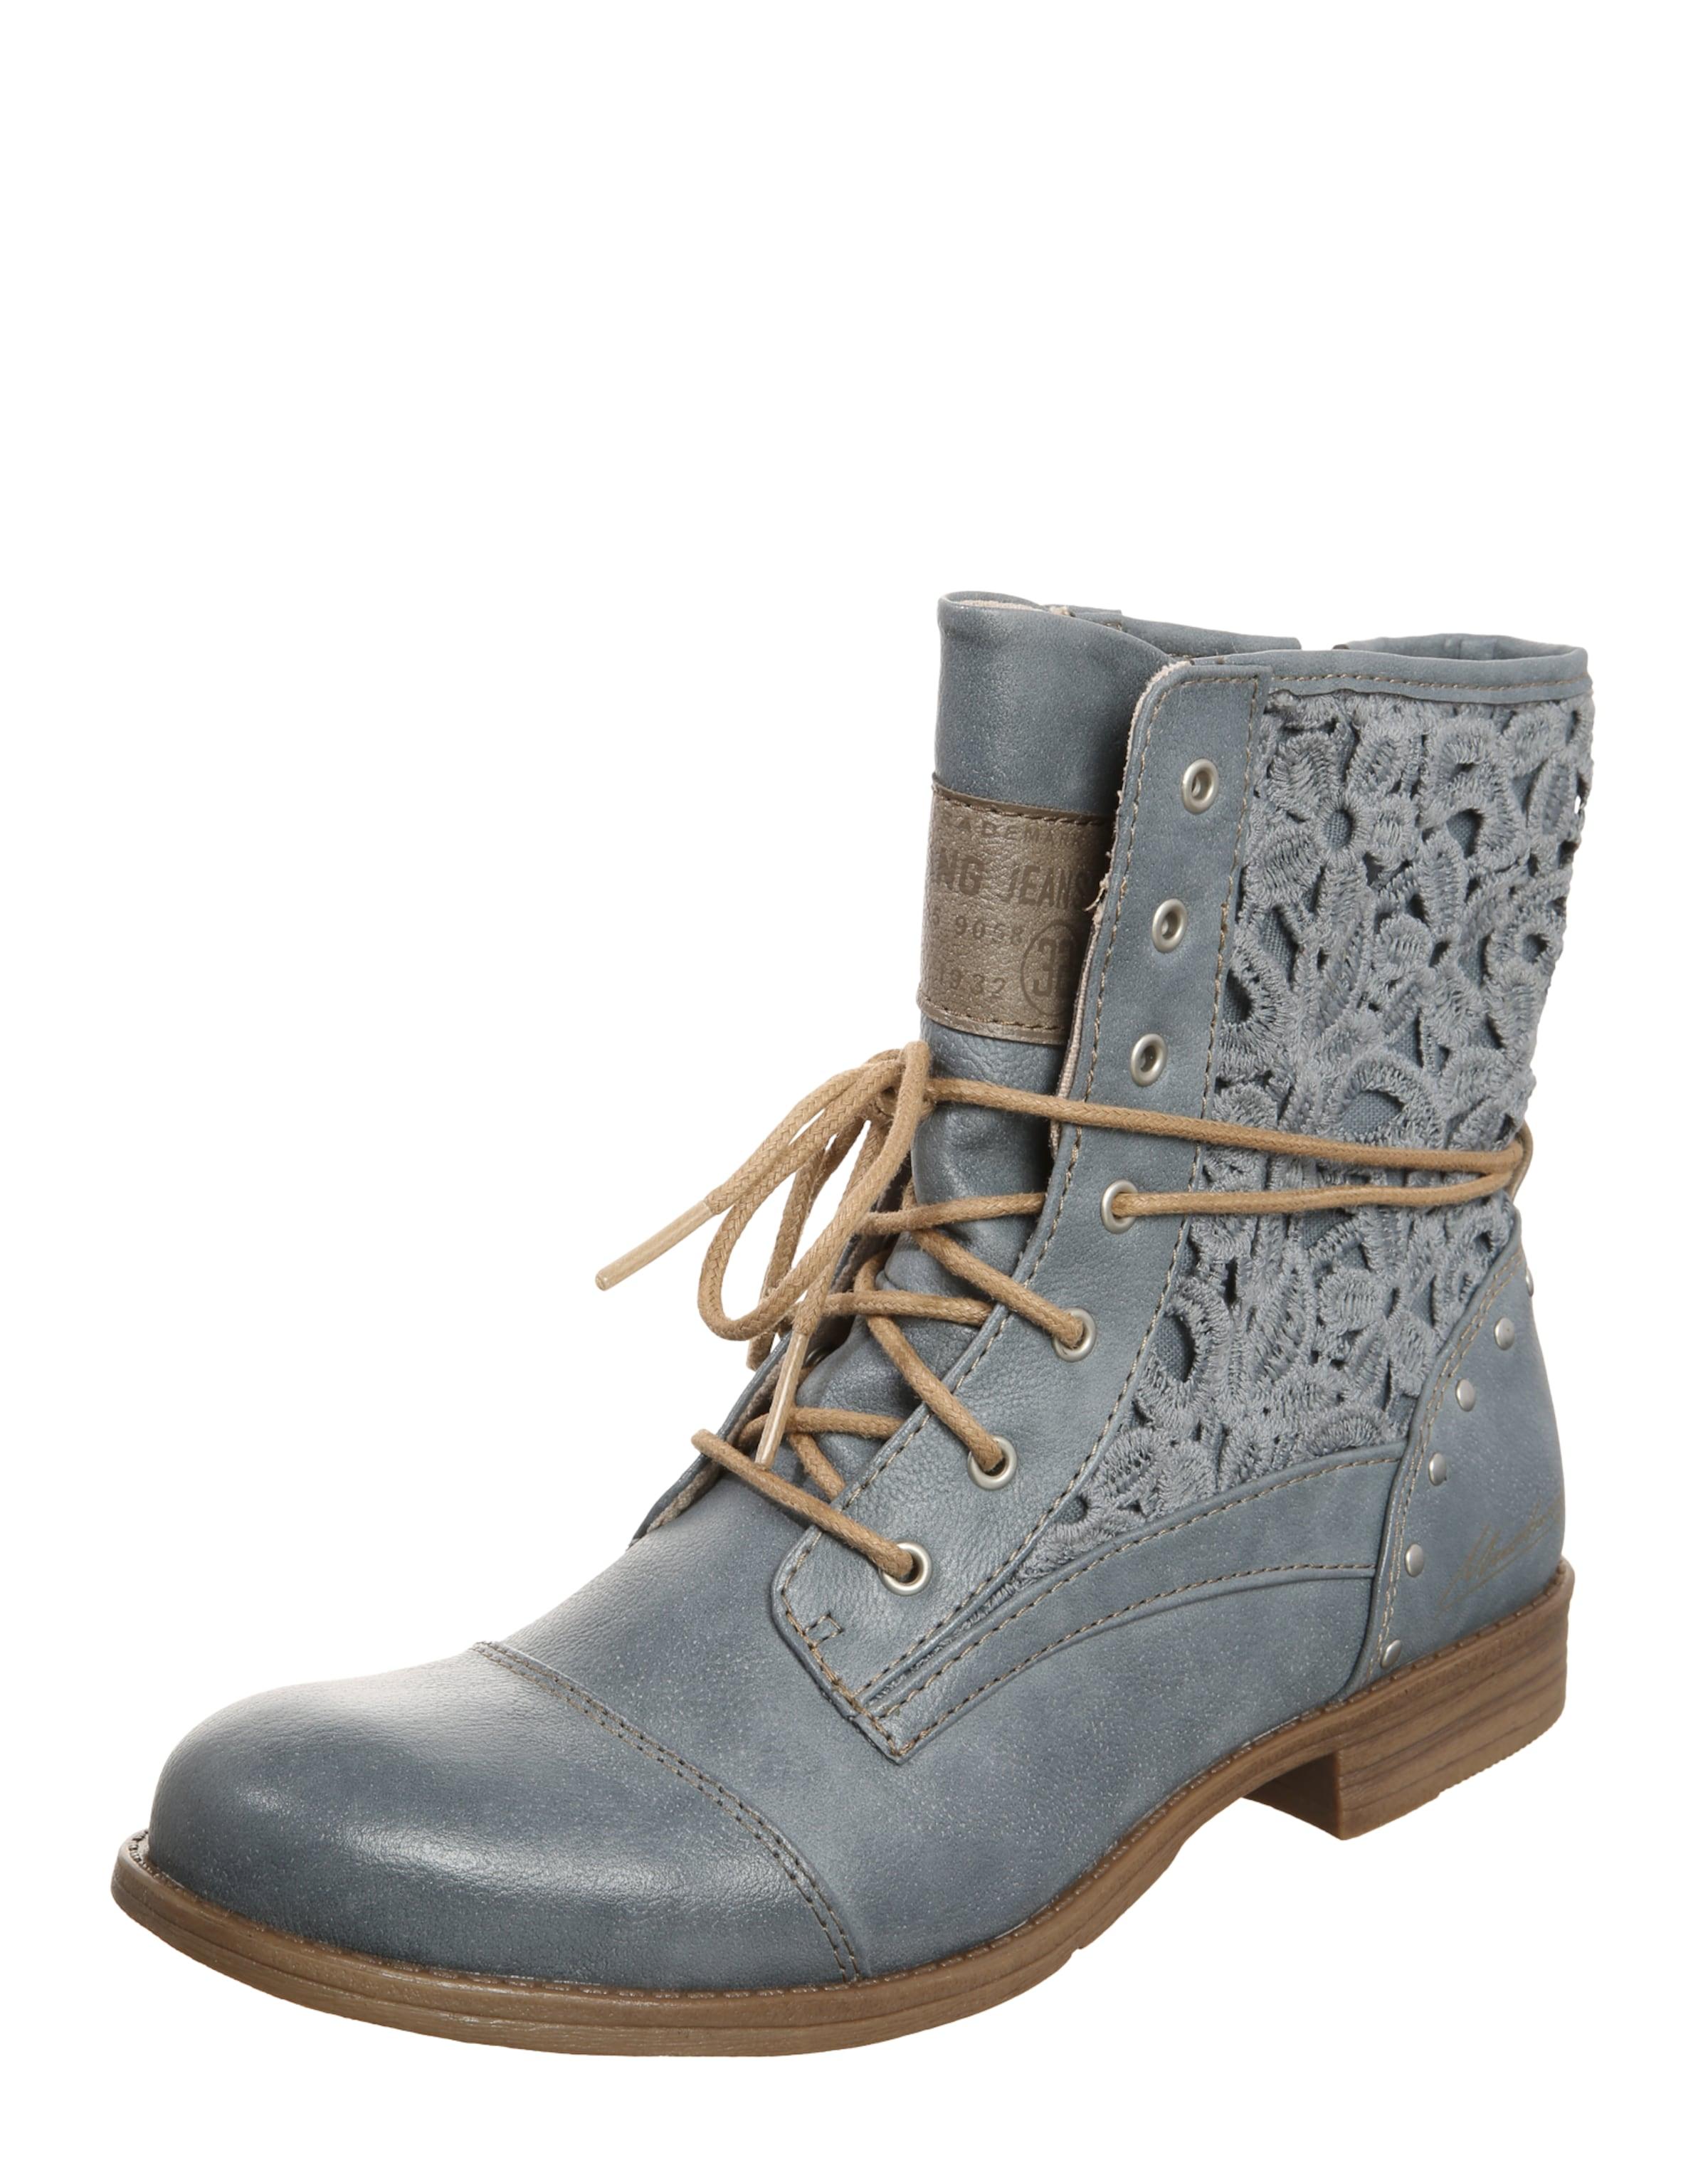 MUSTANG Stiefelette Macrame Verschleißfeste billige Schuhe